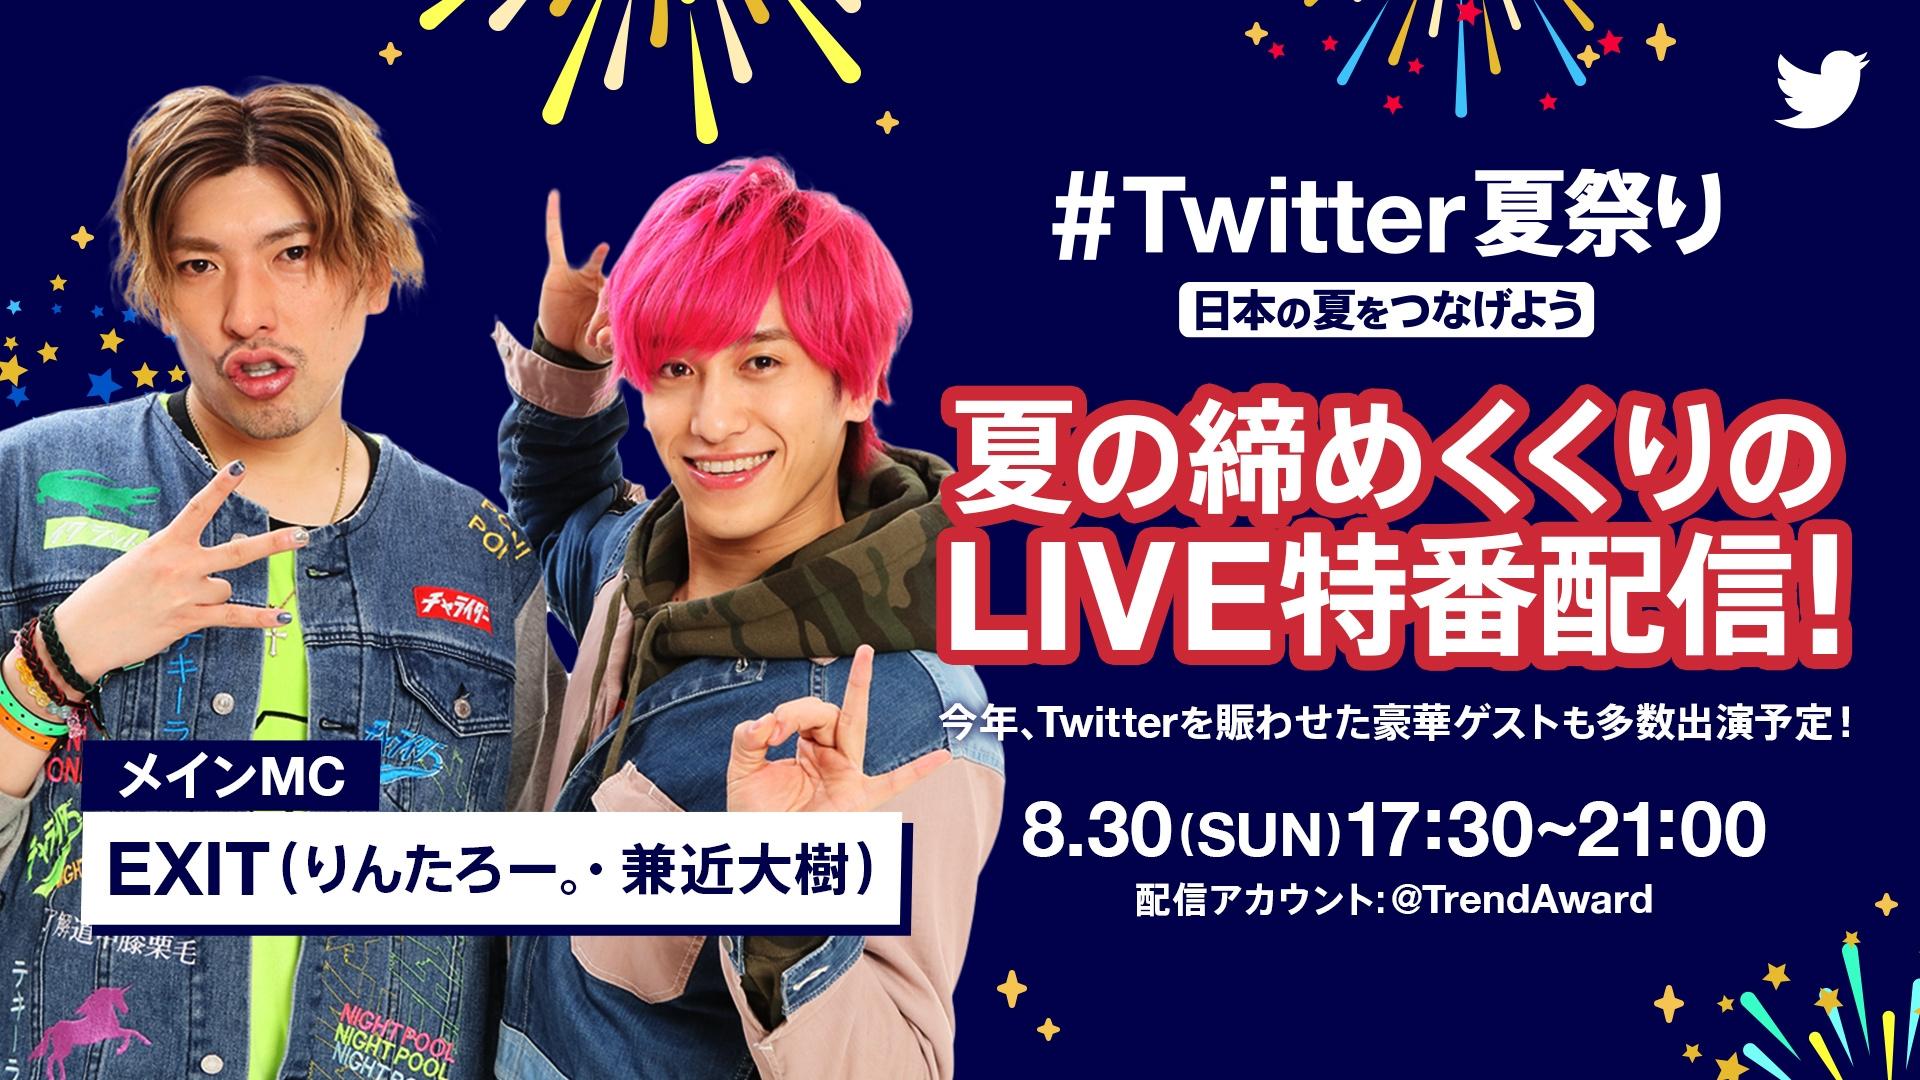 ライブ配信で日本中の夏をつなげる特別番組『#Twitter夏祭り』